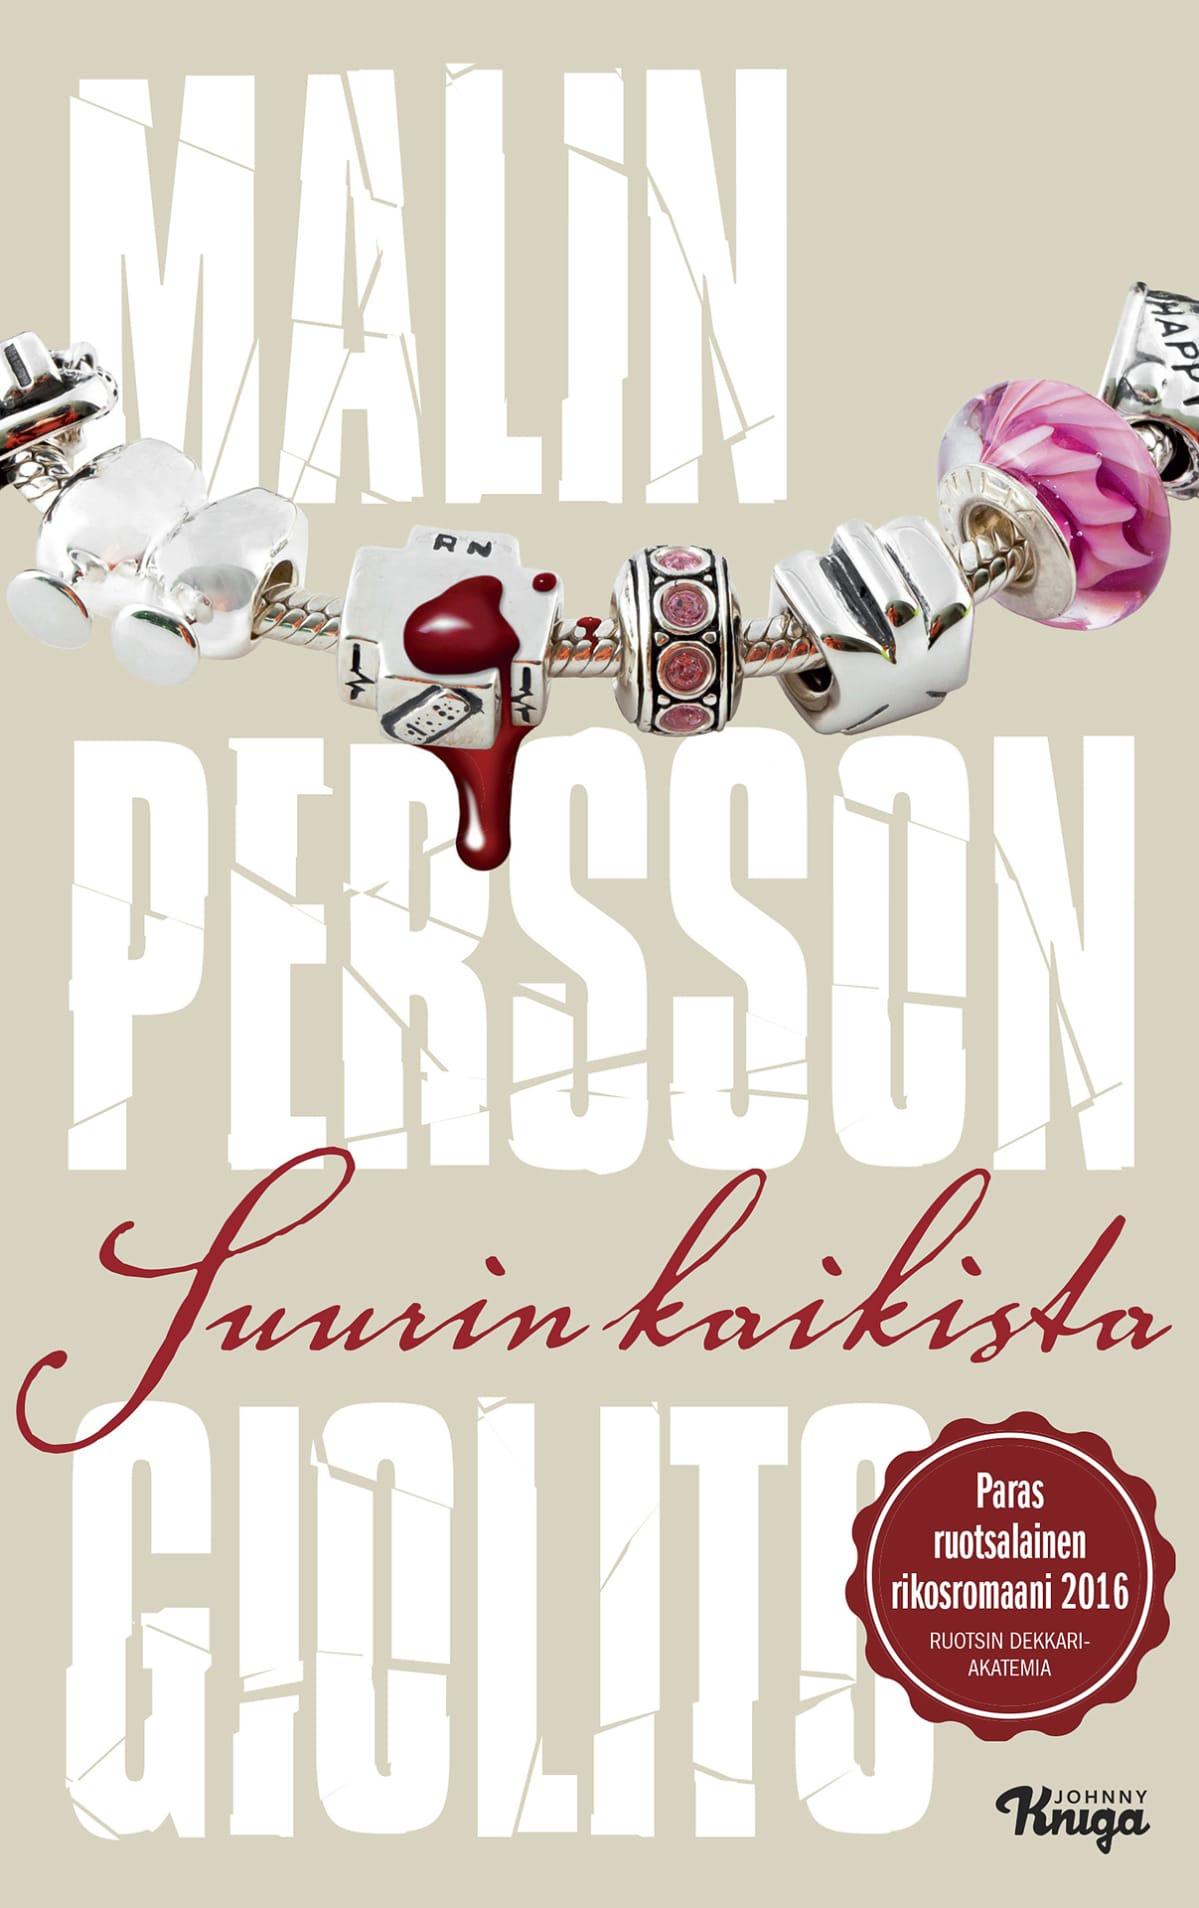 Malin Persson Gioliton kirjan Suurin kaikista kansi.